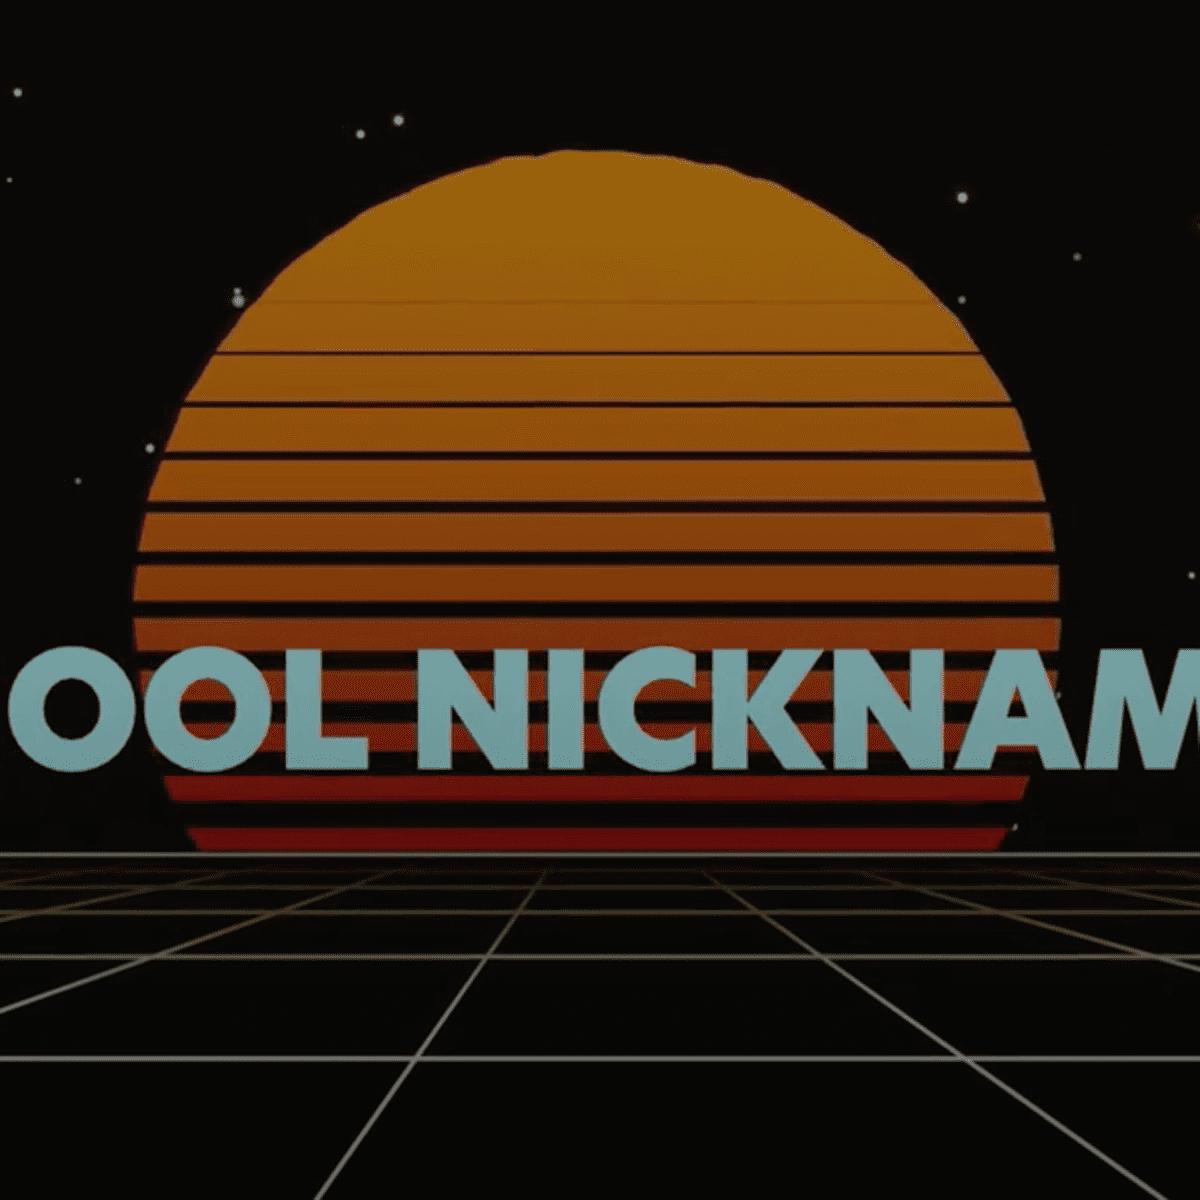 Best gaming nicknames list